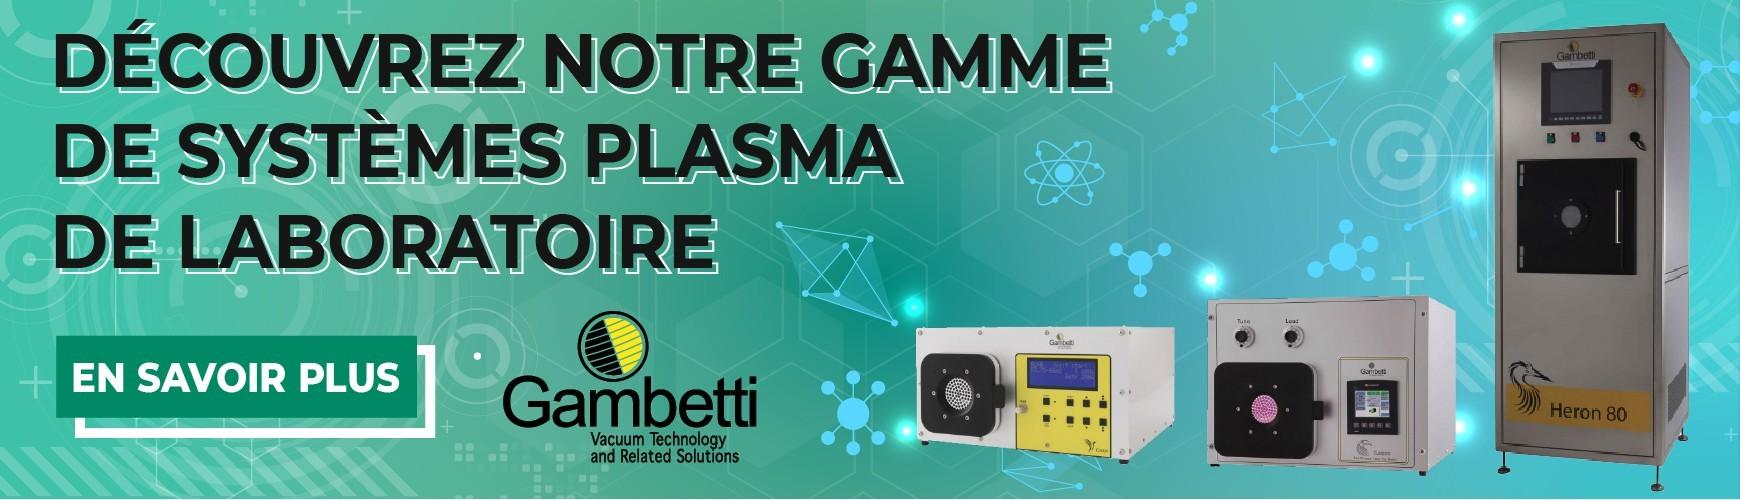 Système de plasma de laboratoire